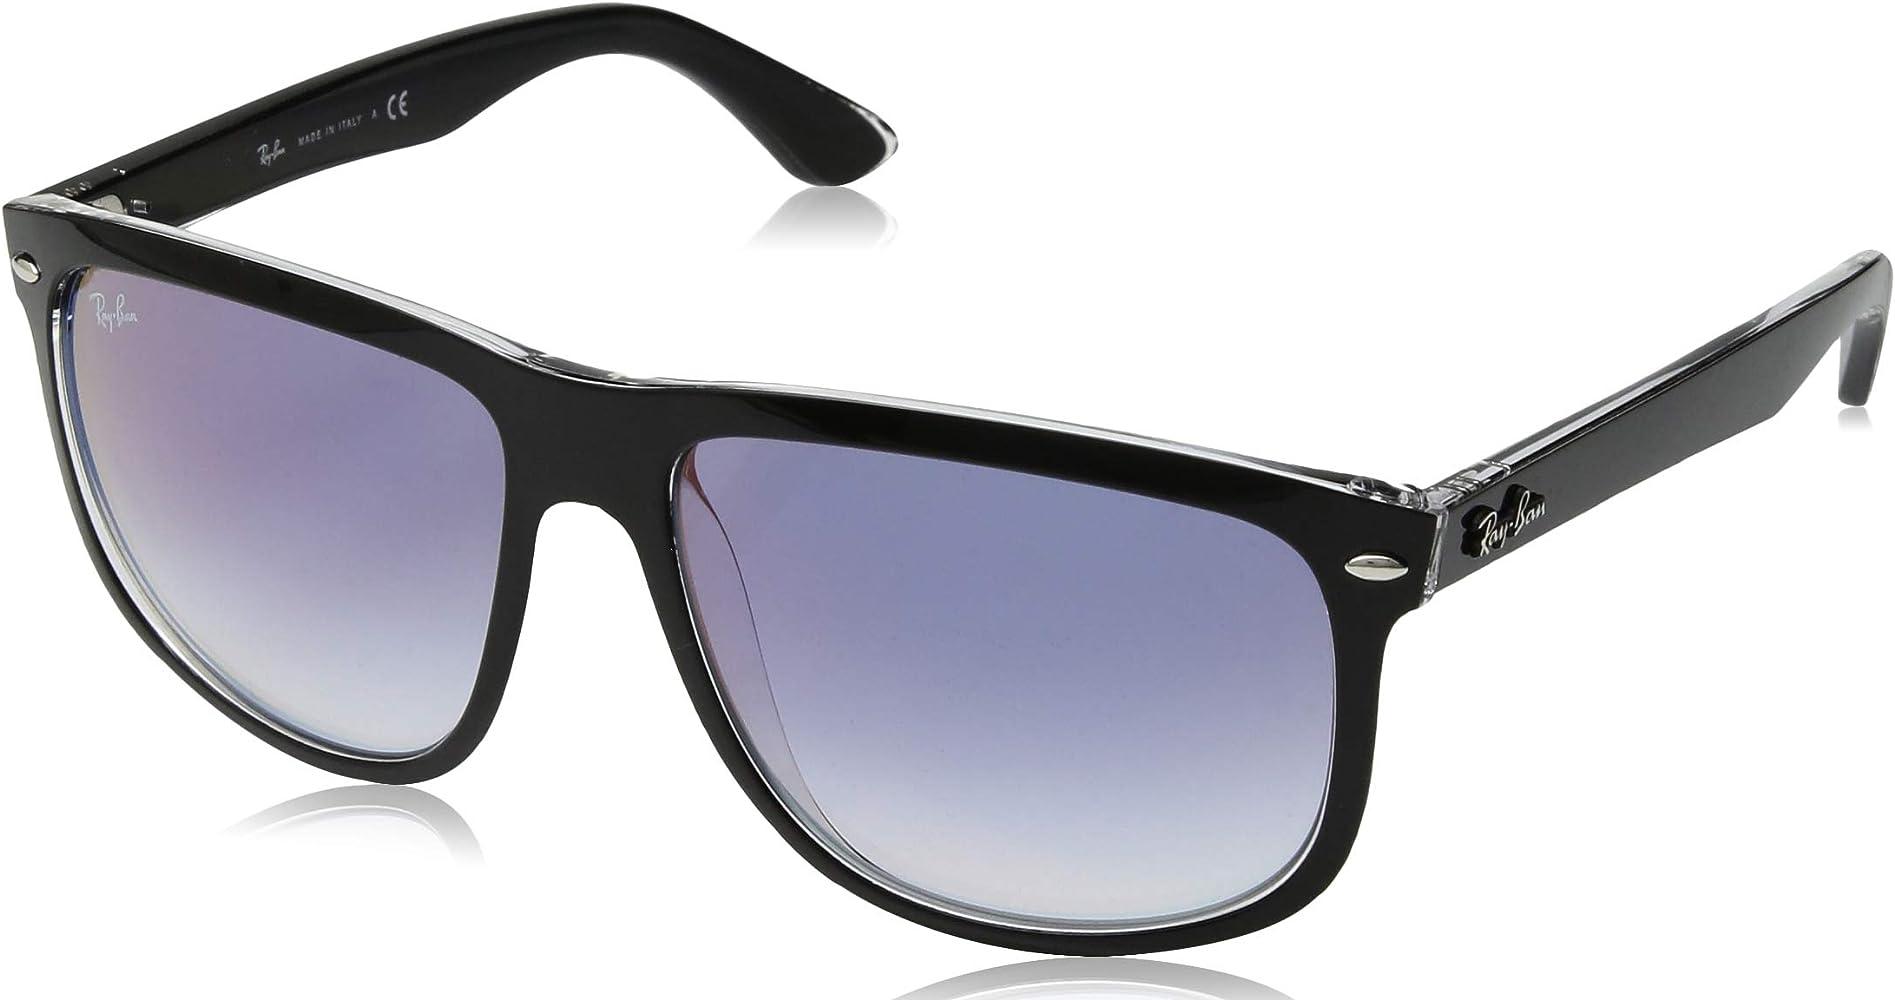 Ray-Ban Sonnenbrille Mod. 4147 Gafas de sol, Negro, 60.0 ...